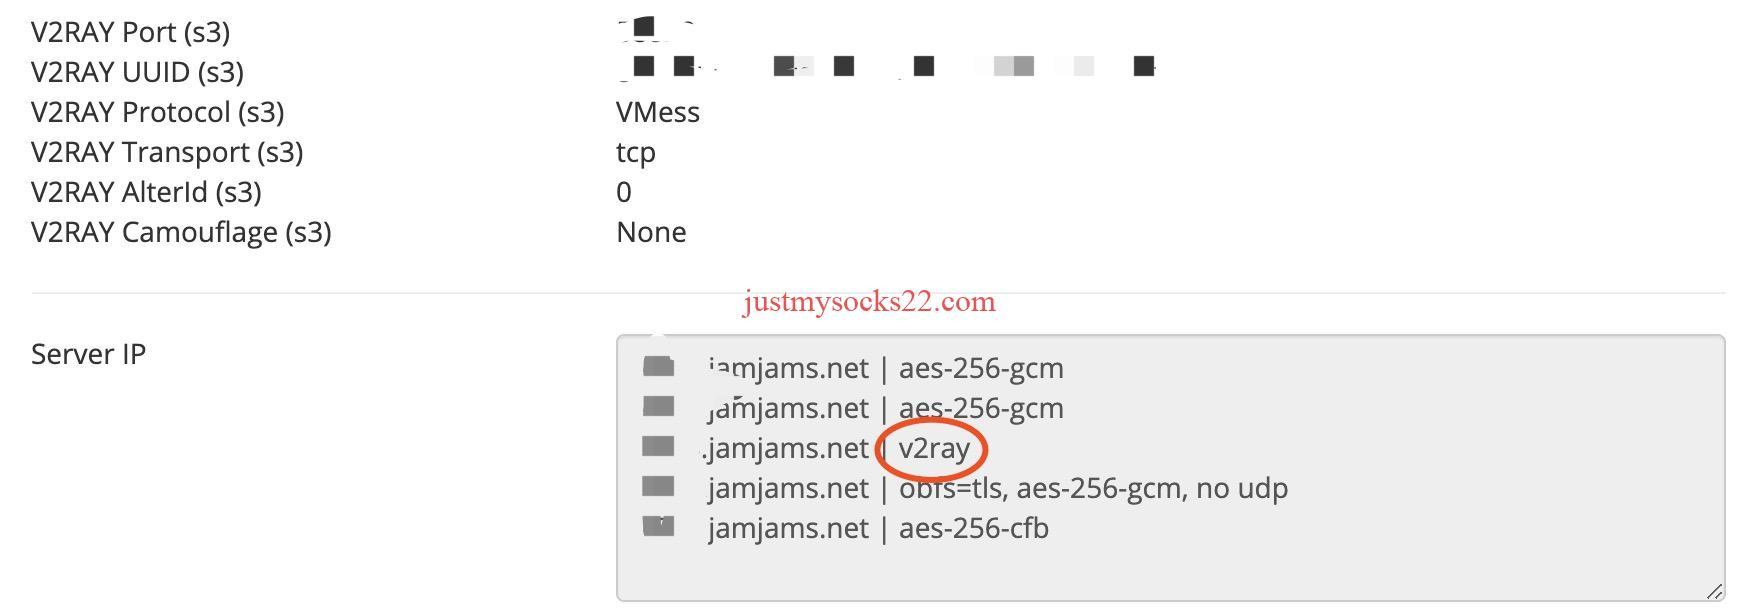 JustMySocks 引入 V2 协议